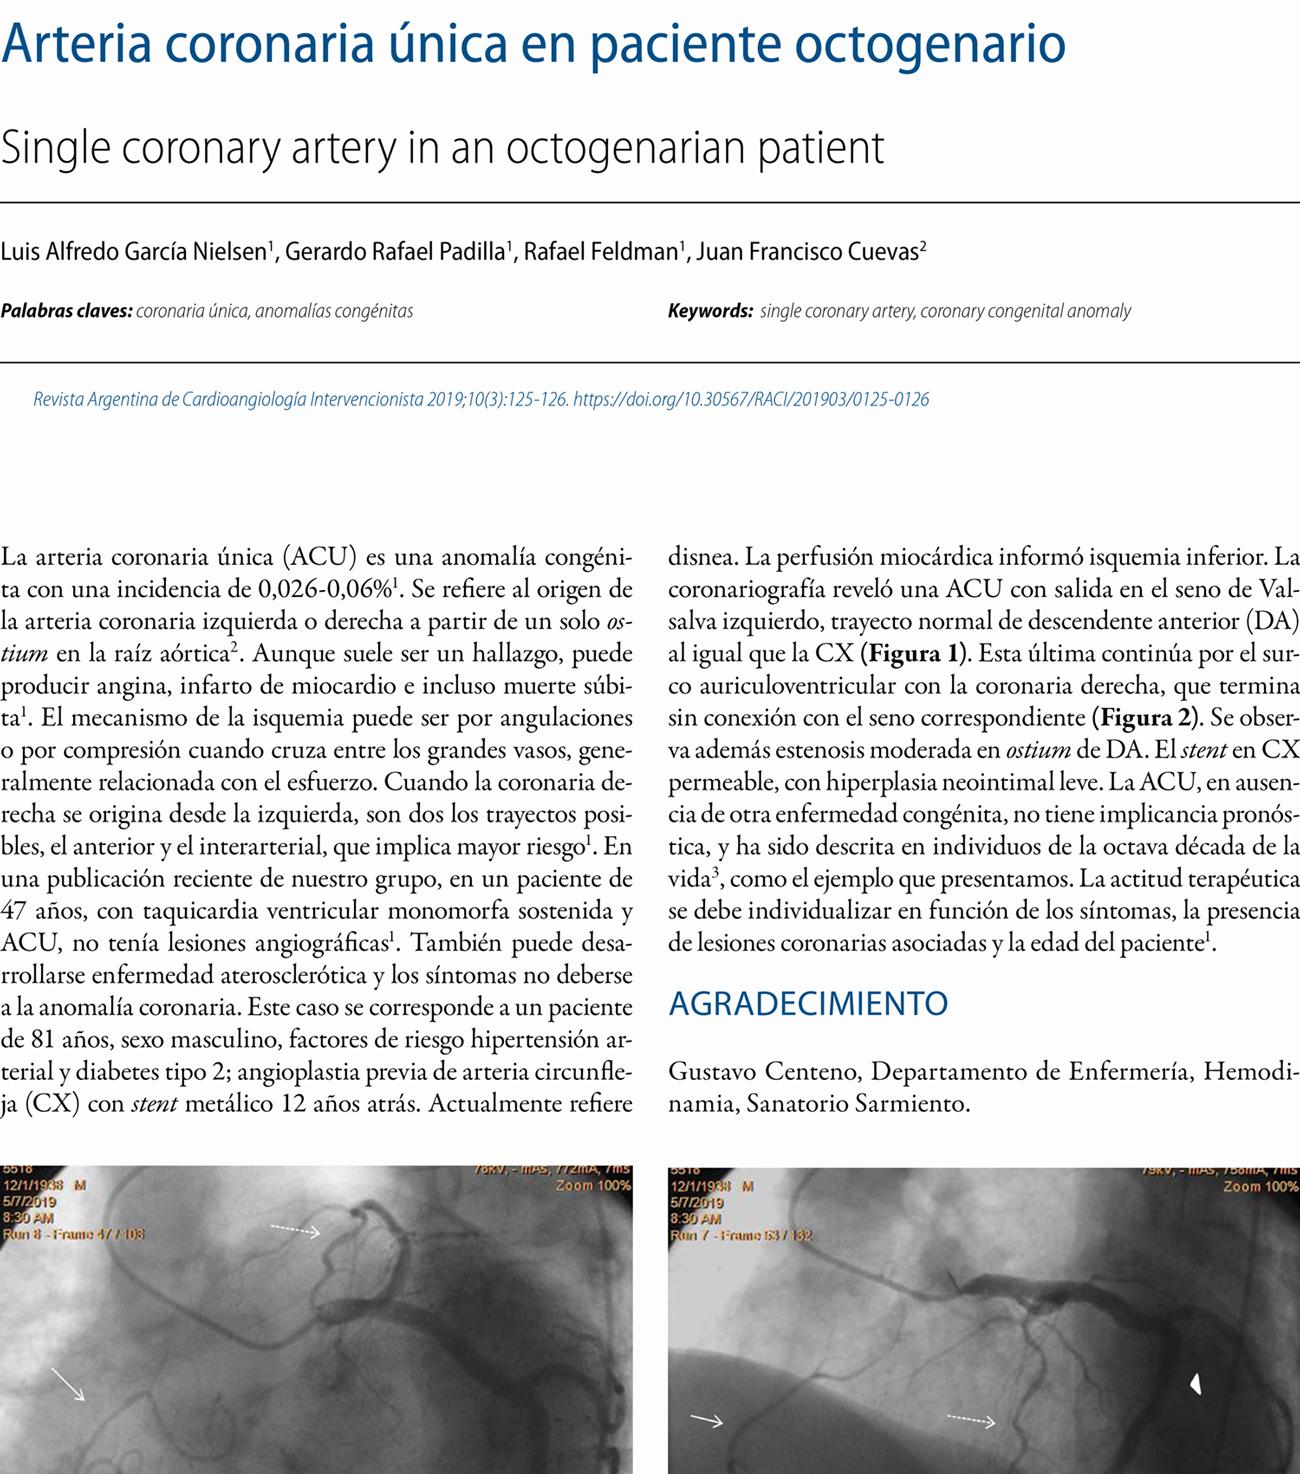 Arteria coronaria única en paciente octogenario